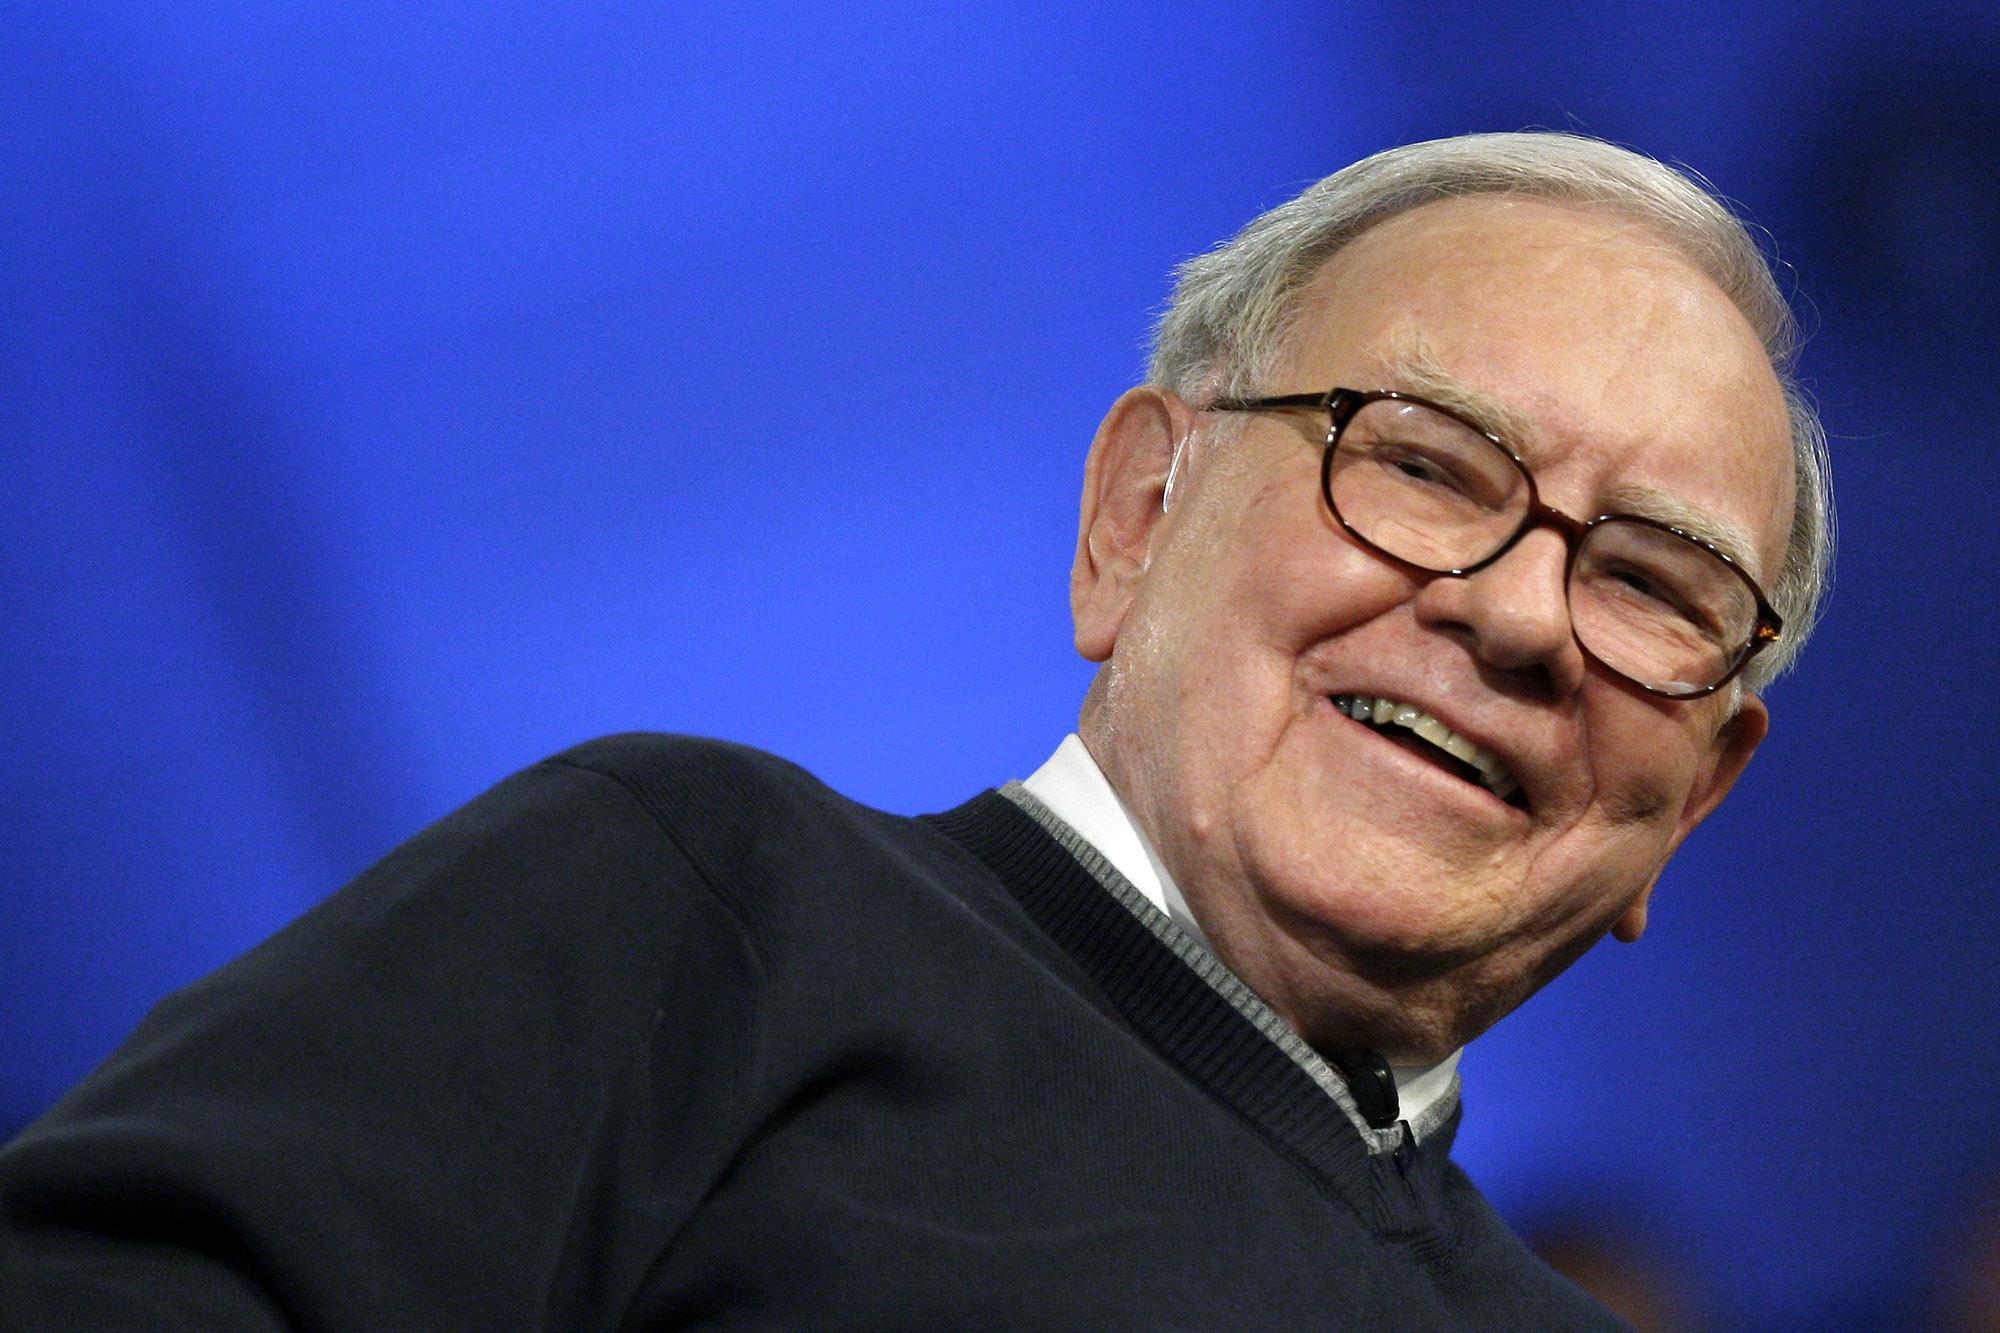 Warren Buffett Photo: Reuters